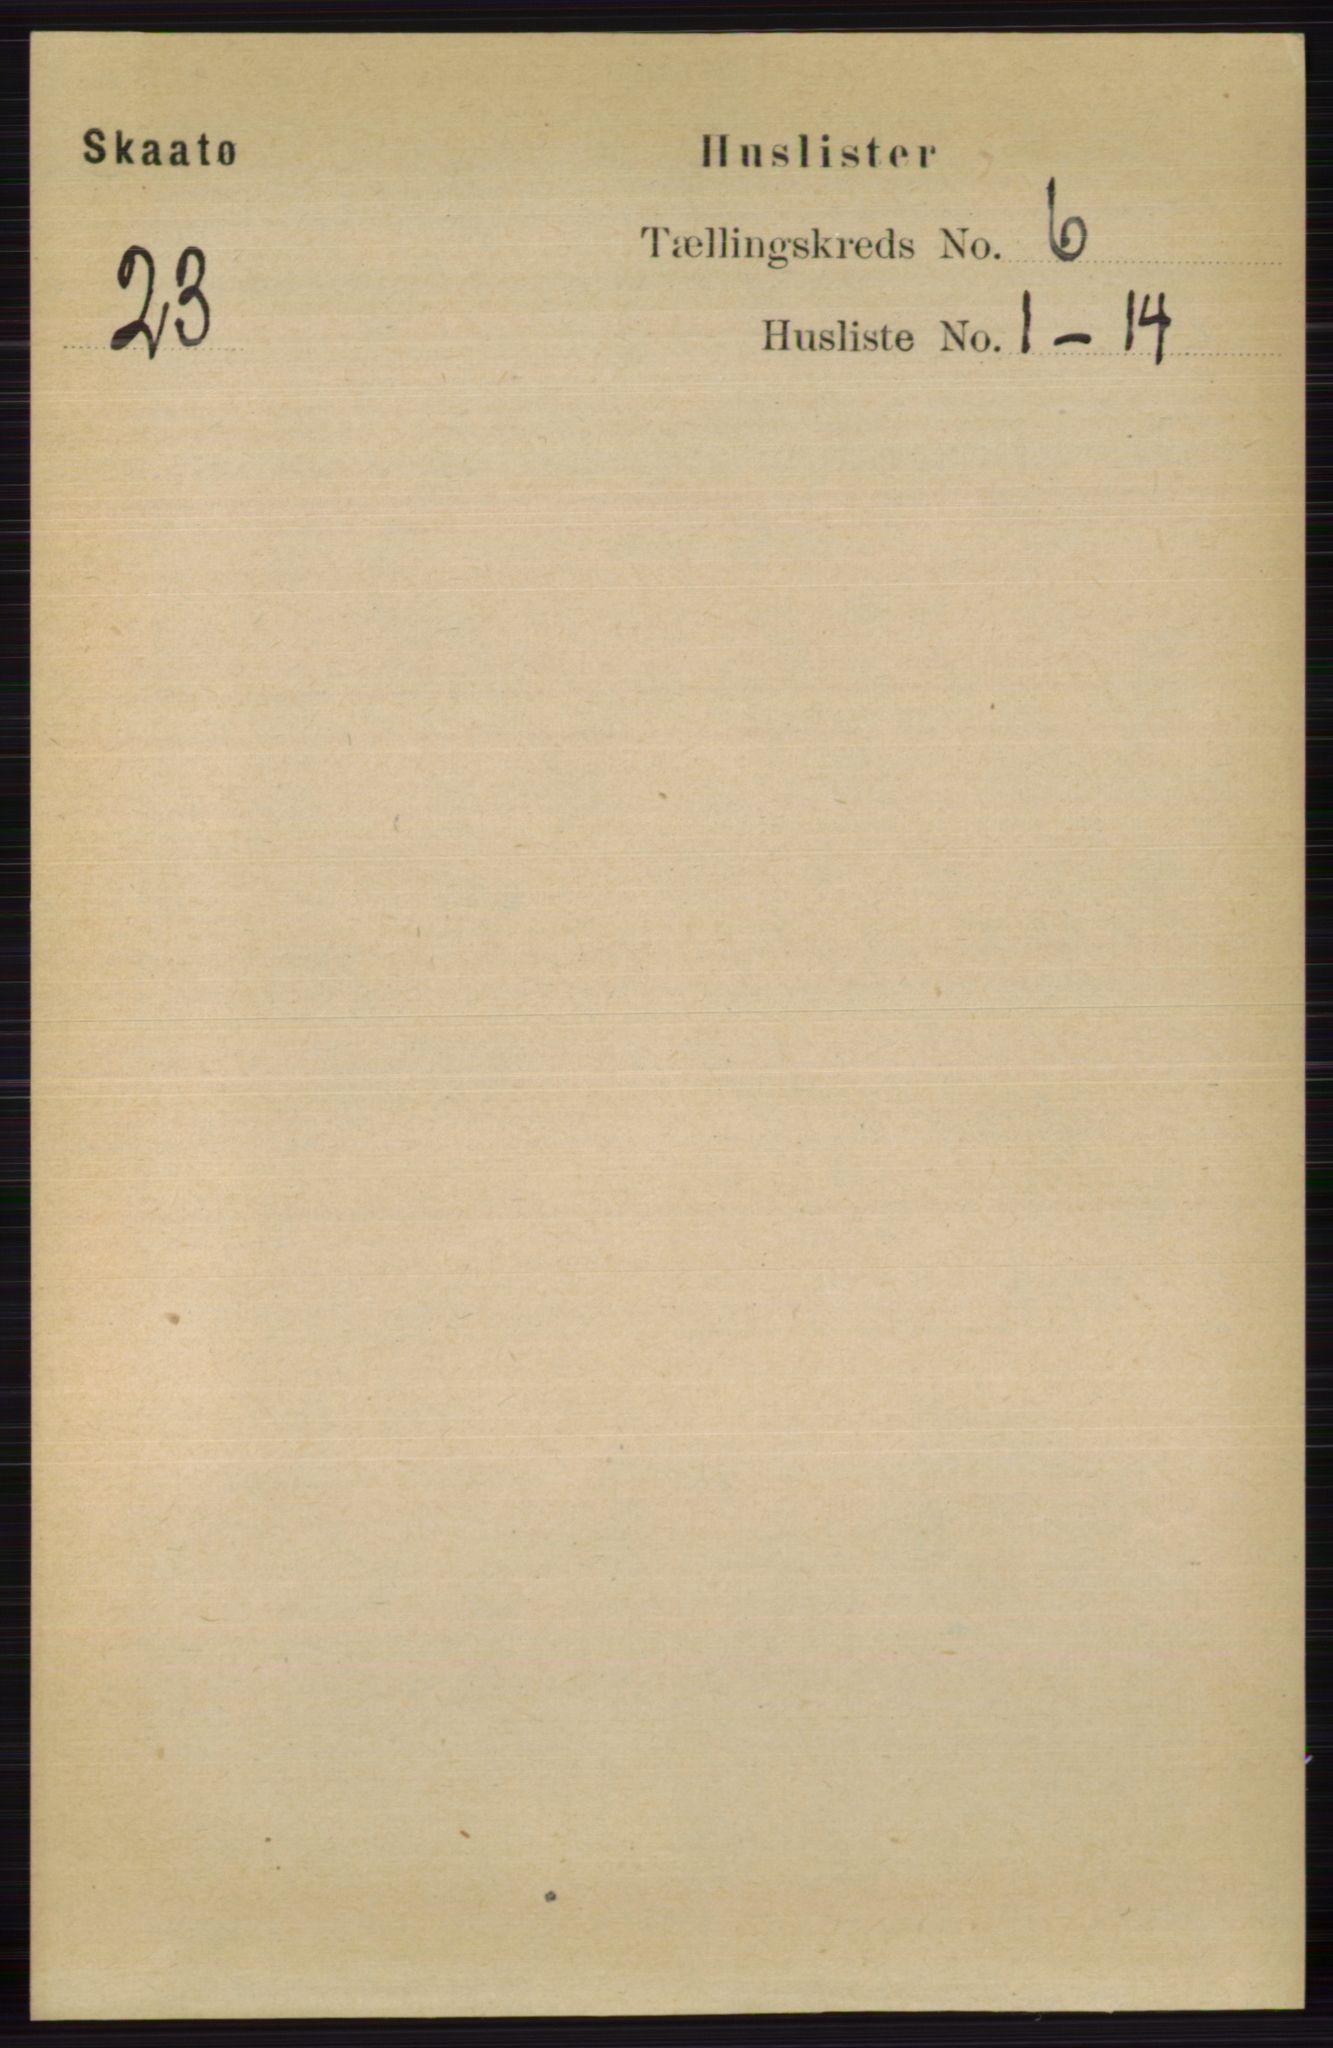 RA, Folketelling 1891 for 0815 Skåtøy herred, 1891, s. 2879